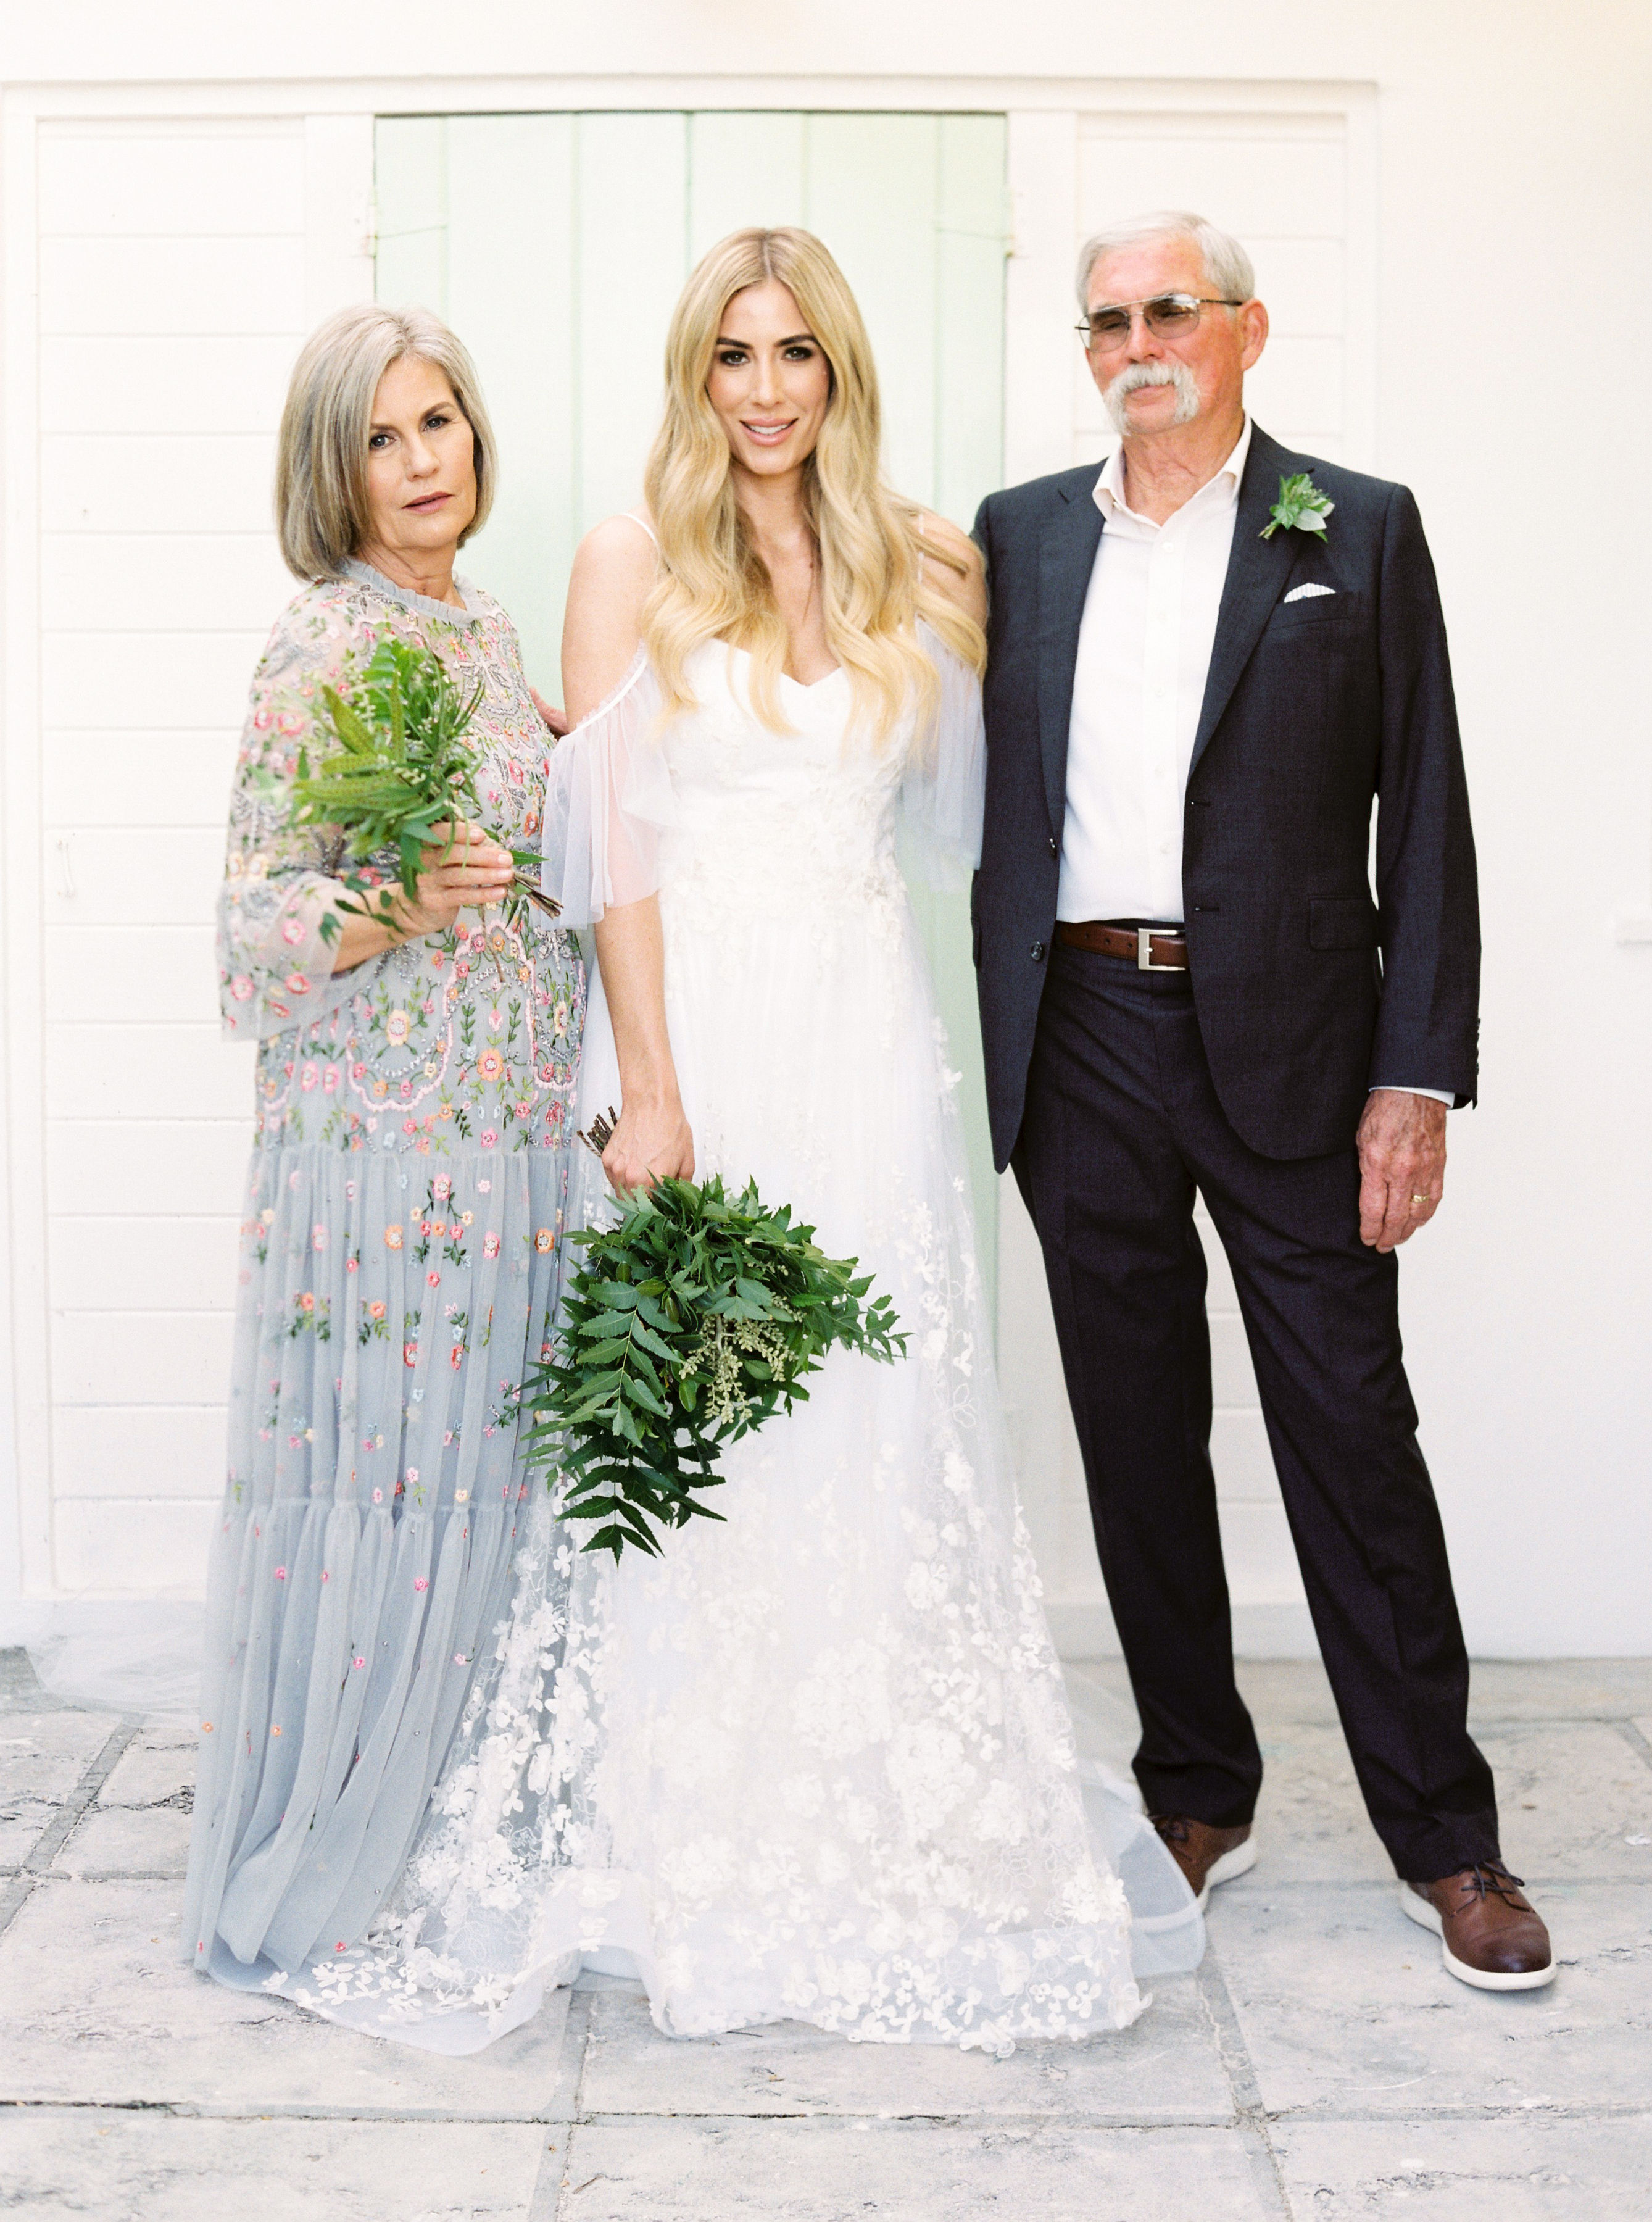 Elizabeth with her parents